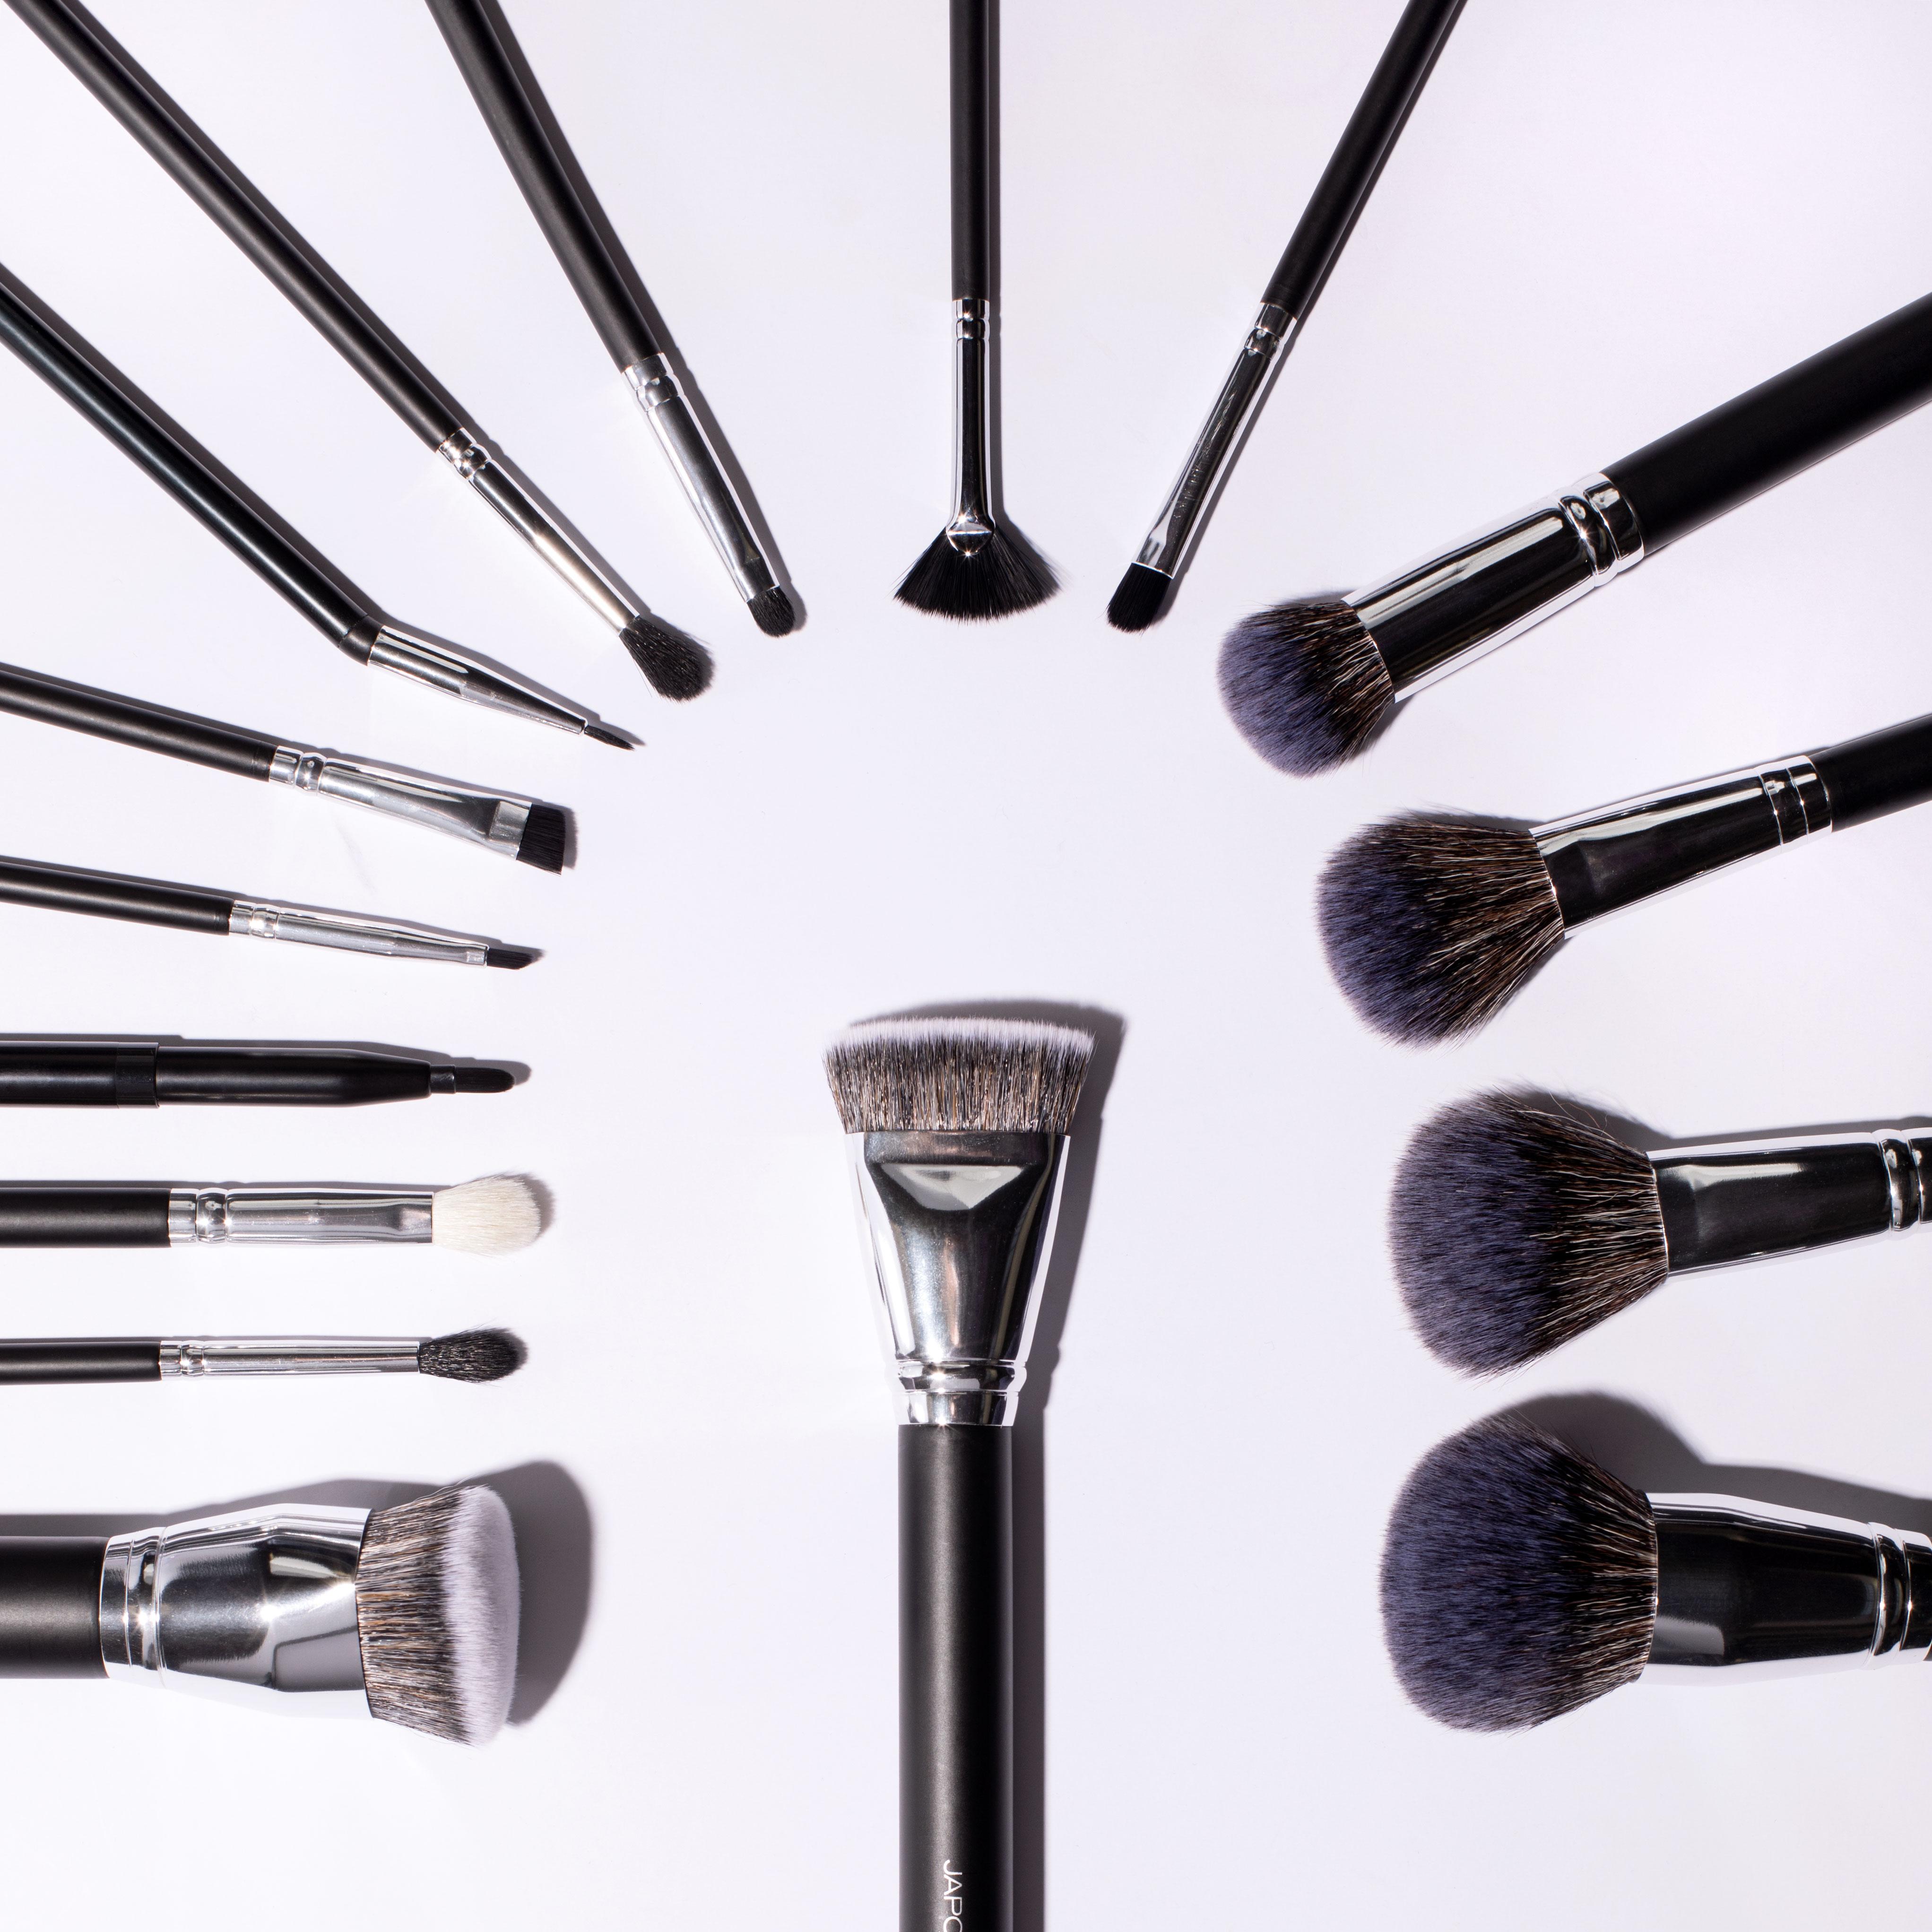 jp-180115-brushes-1.jpg